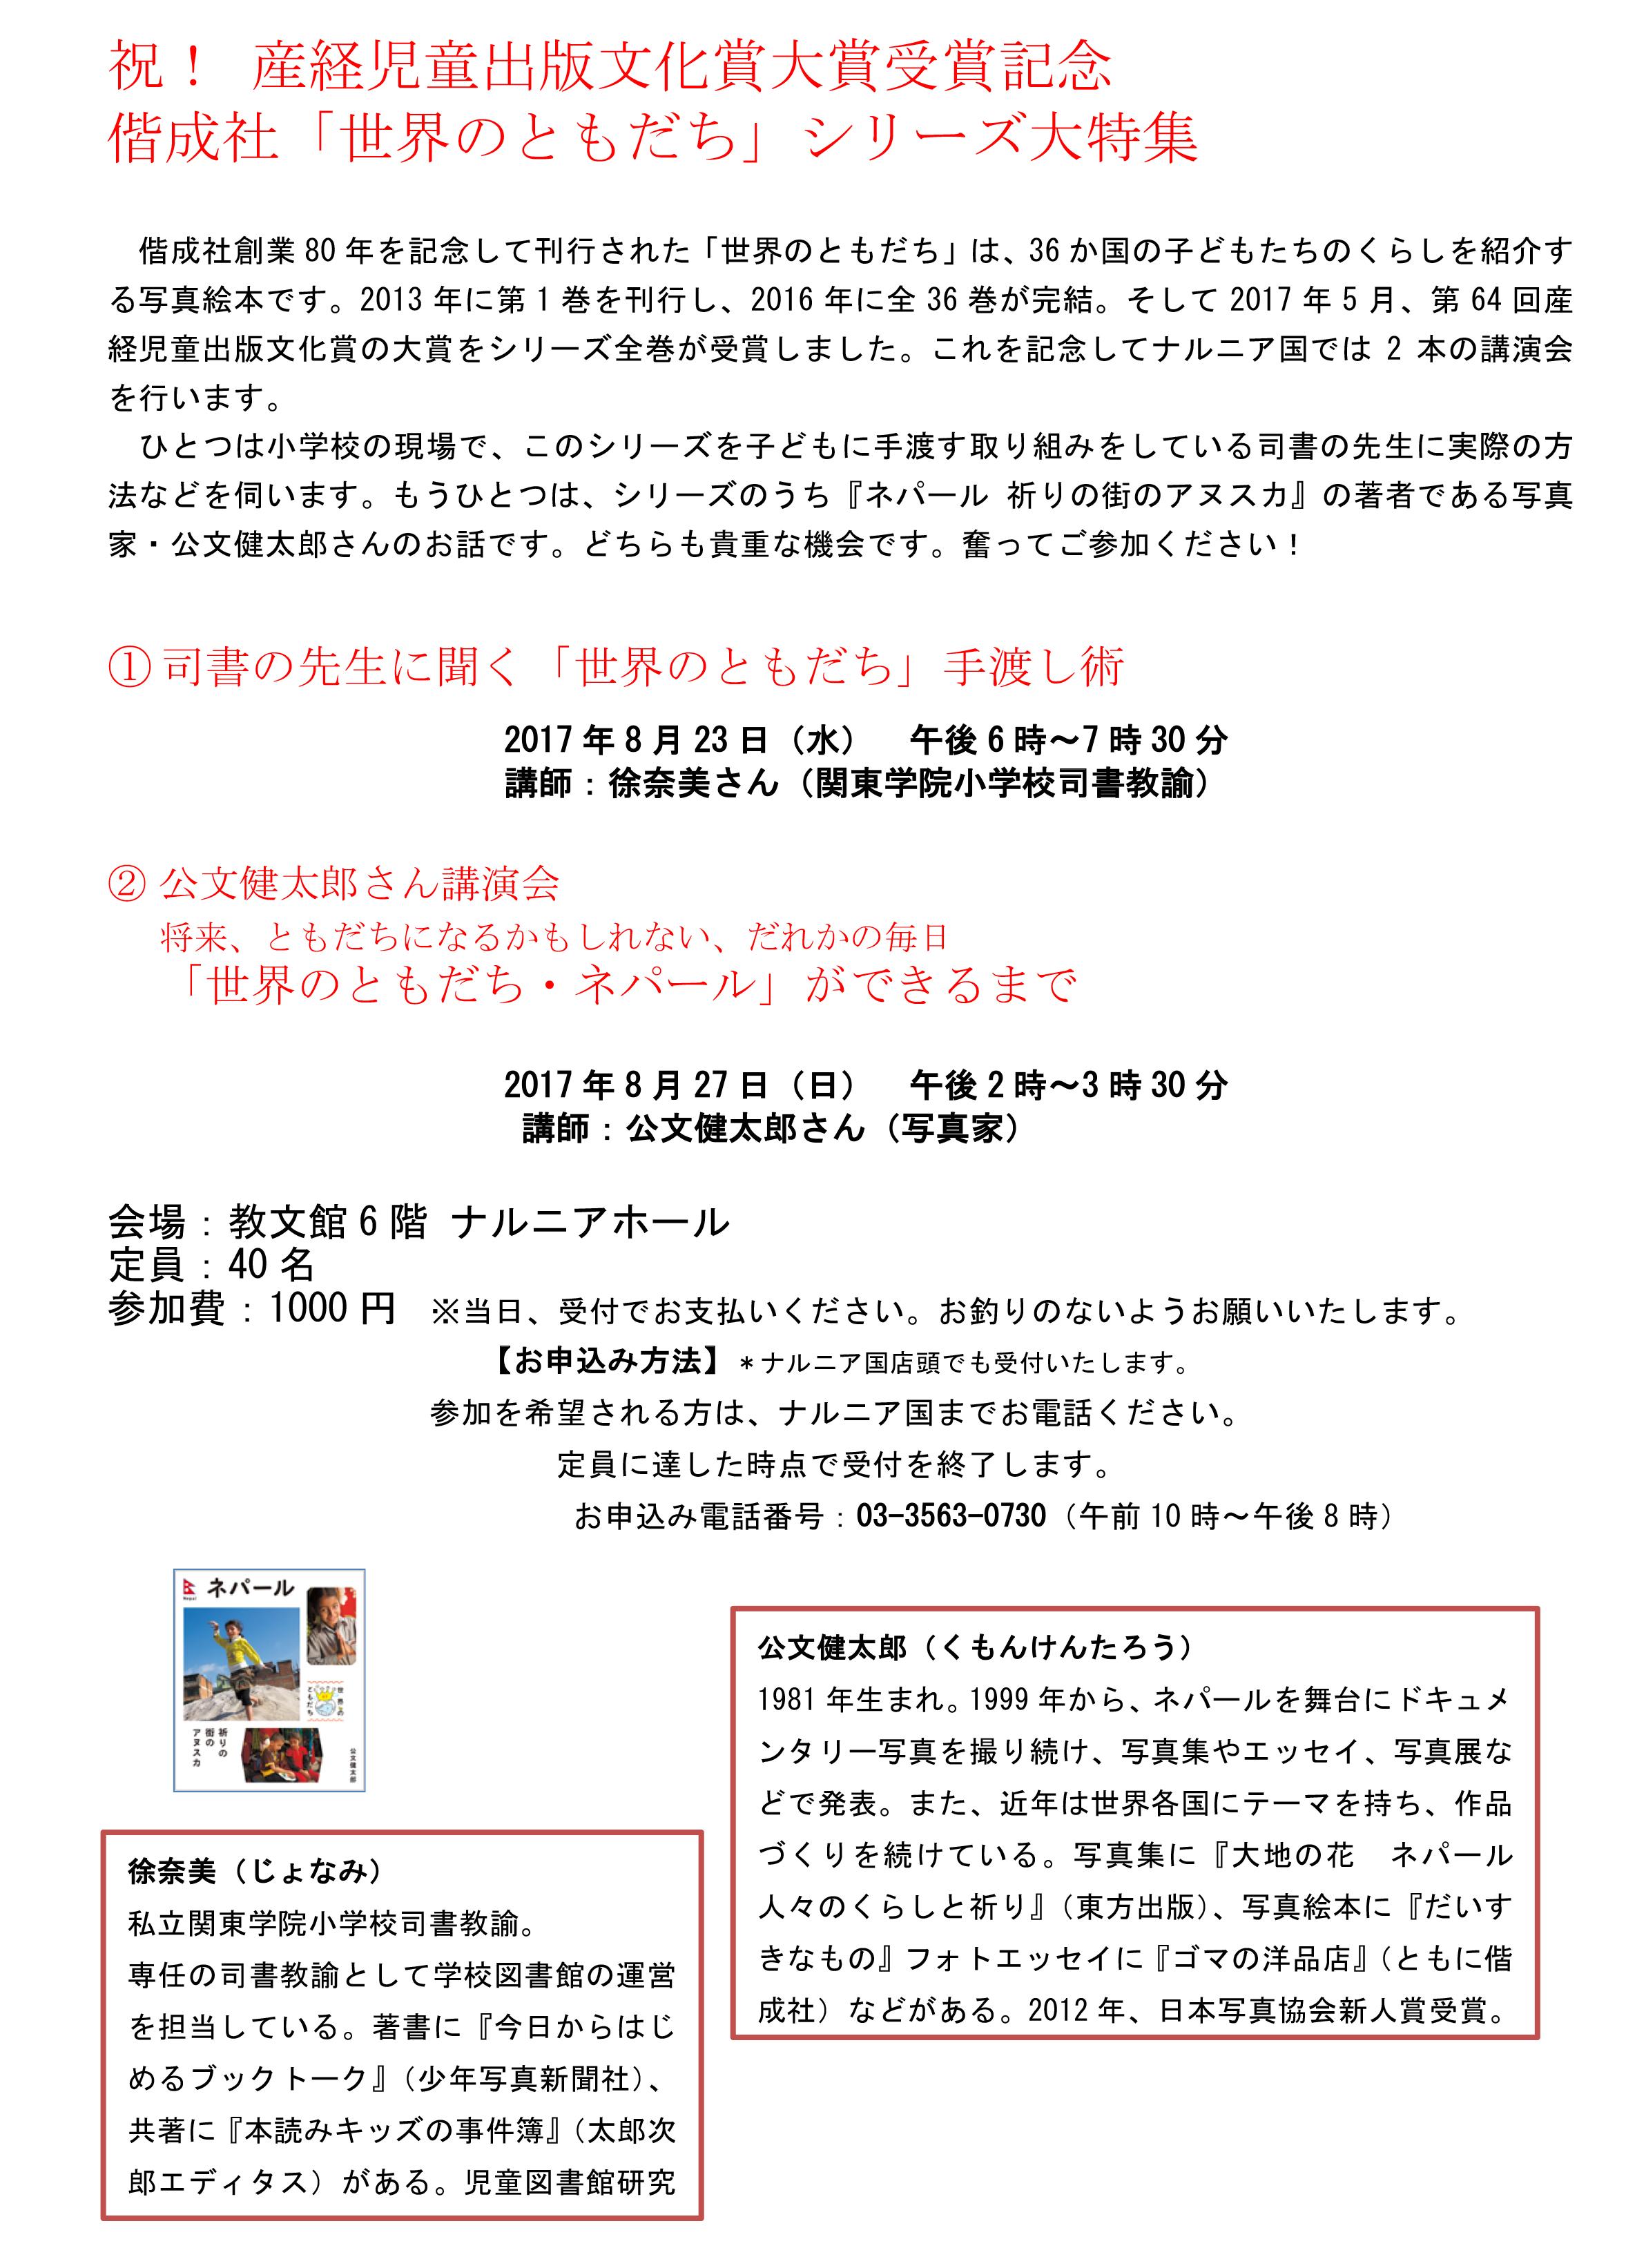 「世界のともだち」シリーズ大特集・2 公文健太郎さん講演会